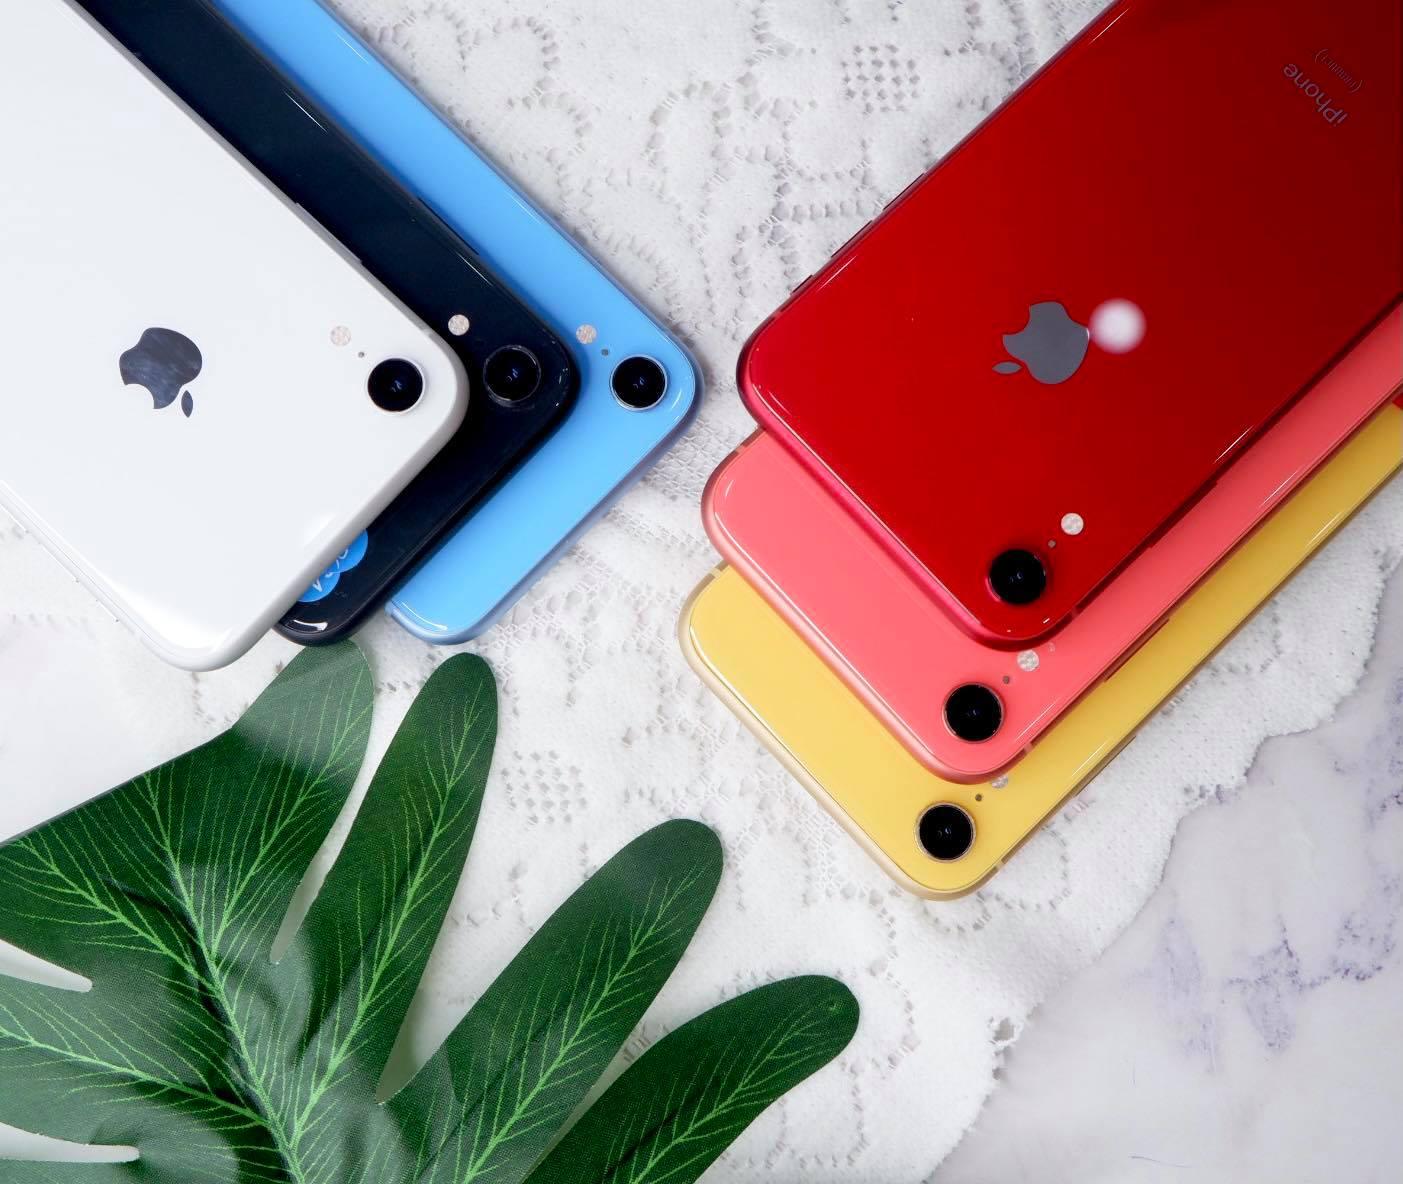 3 Chiếc iPhone Cũ Về Lại Mức Giá Dưới 10 Triệu Đồng